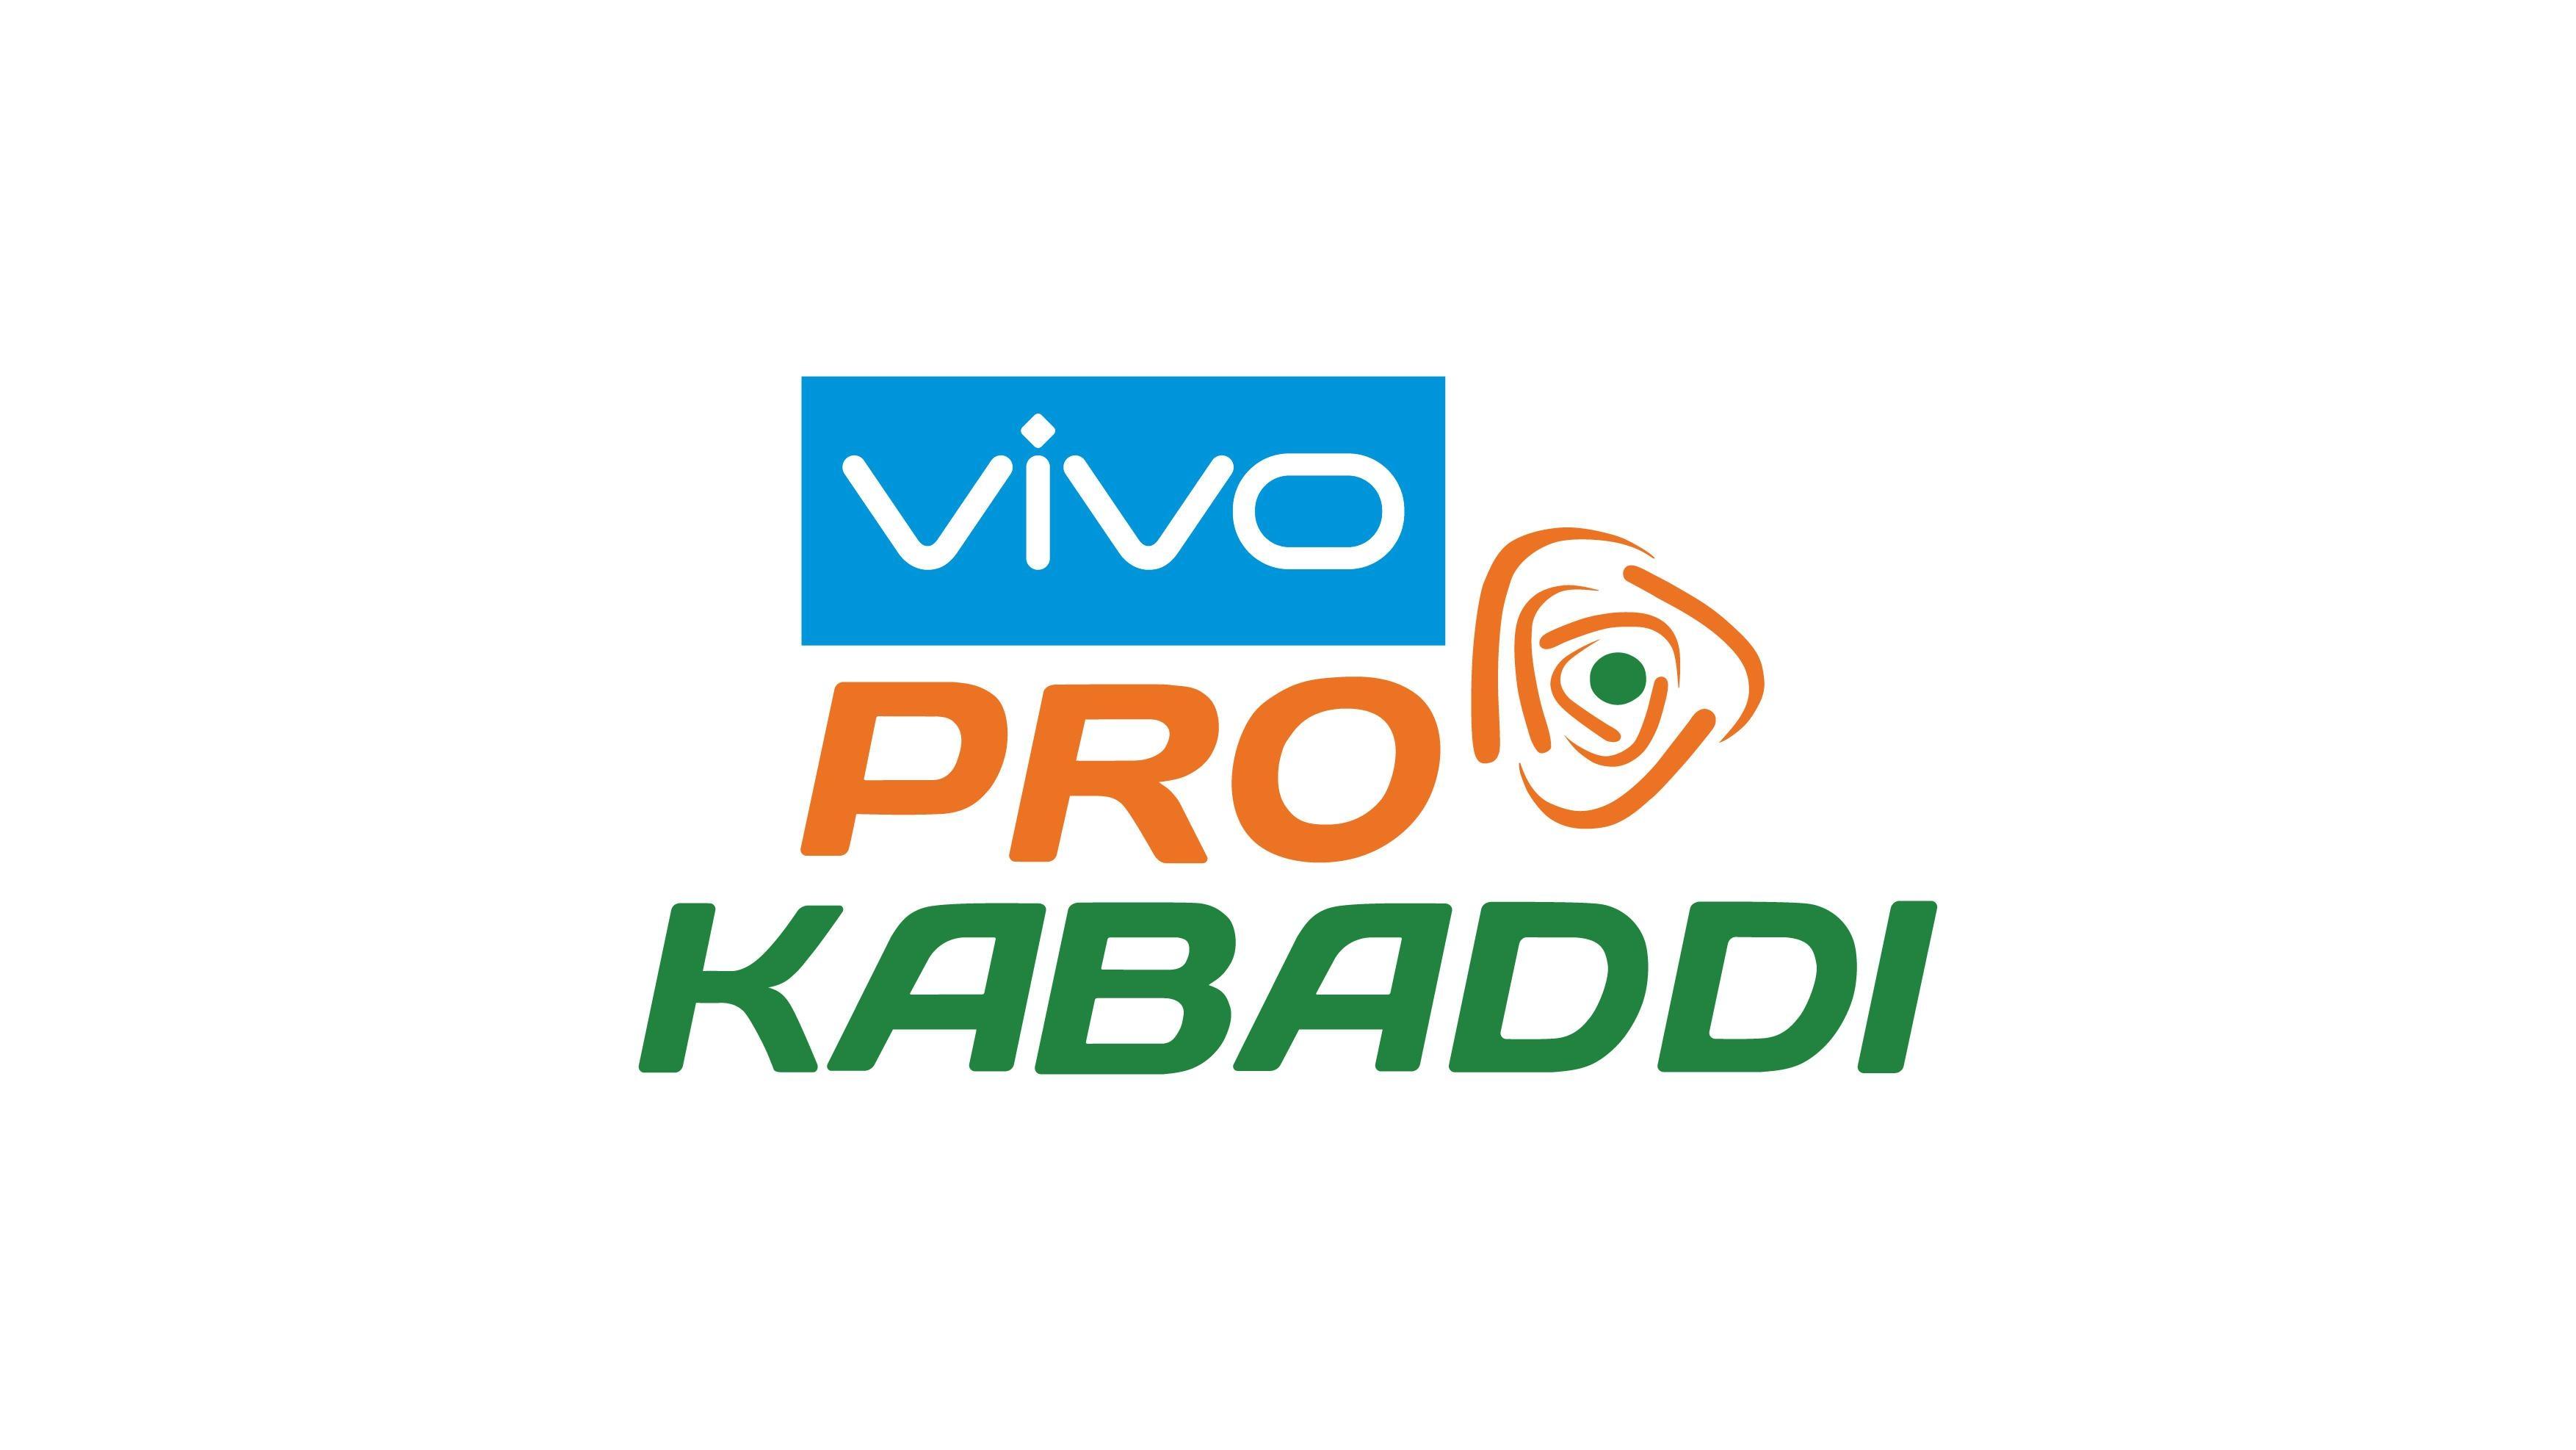 Pro Kabaddi season 5 logo